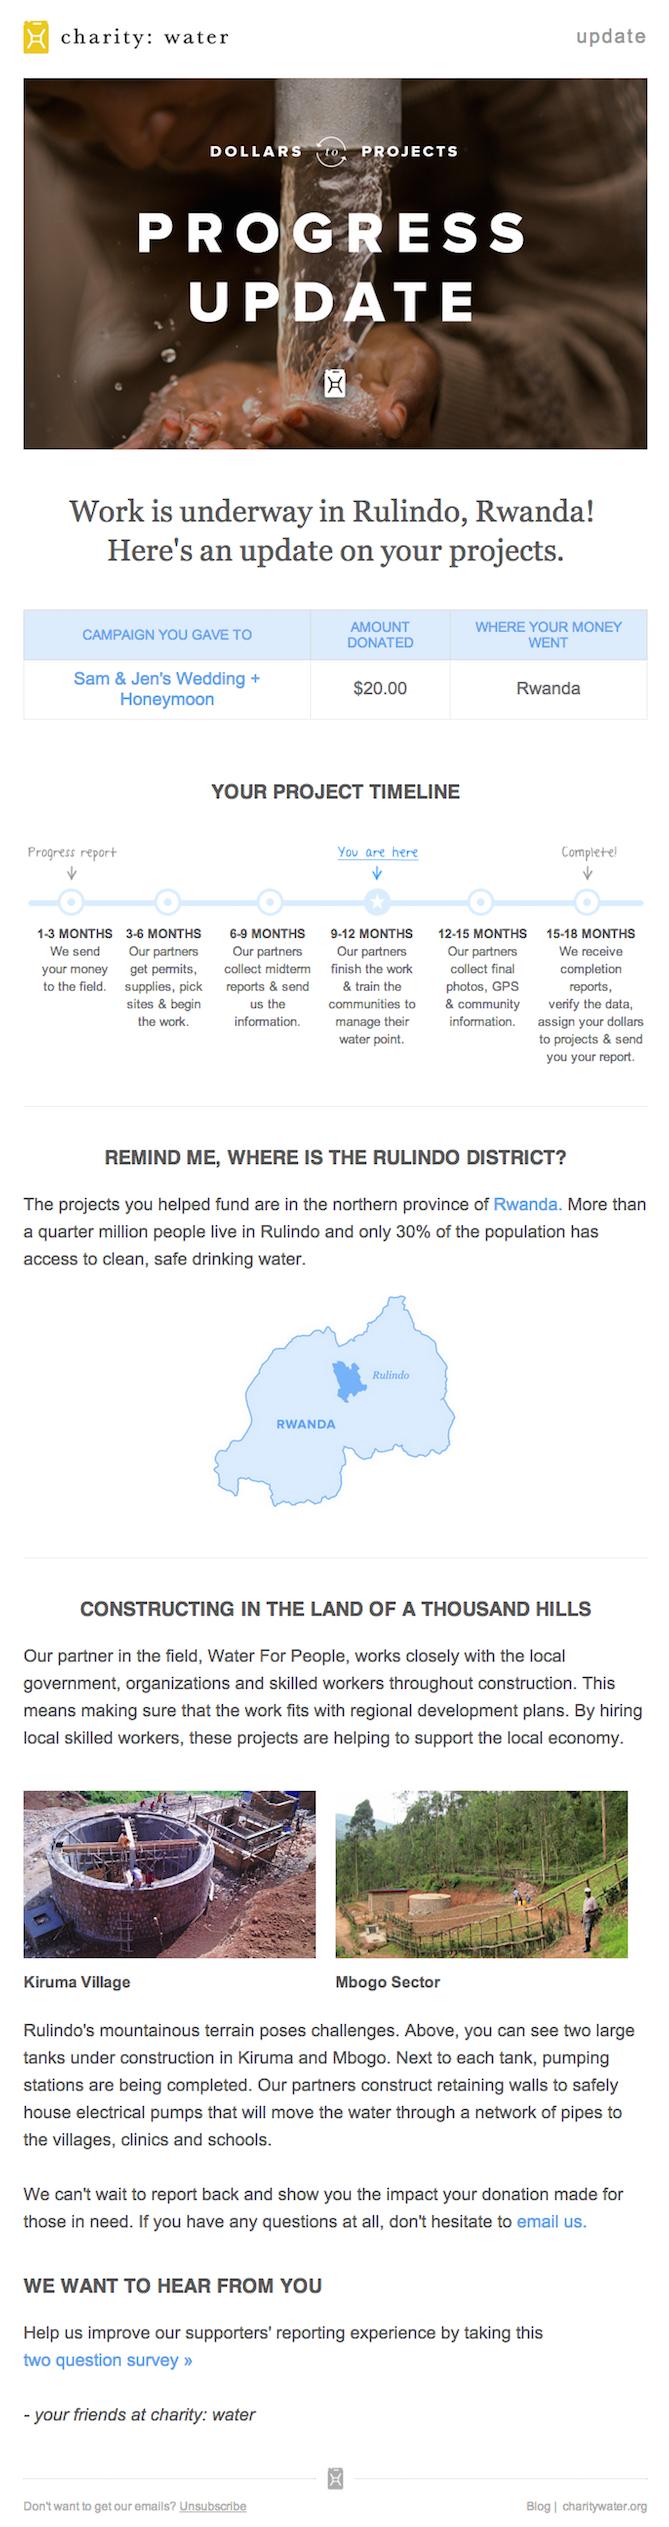 Ejemplo de campaña de marketing por correo electrónico de caridad: agua, que muestra una actualización del progreso de la donación